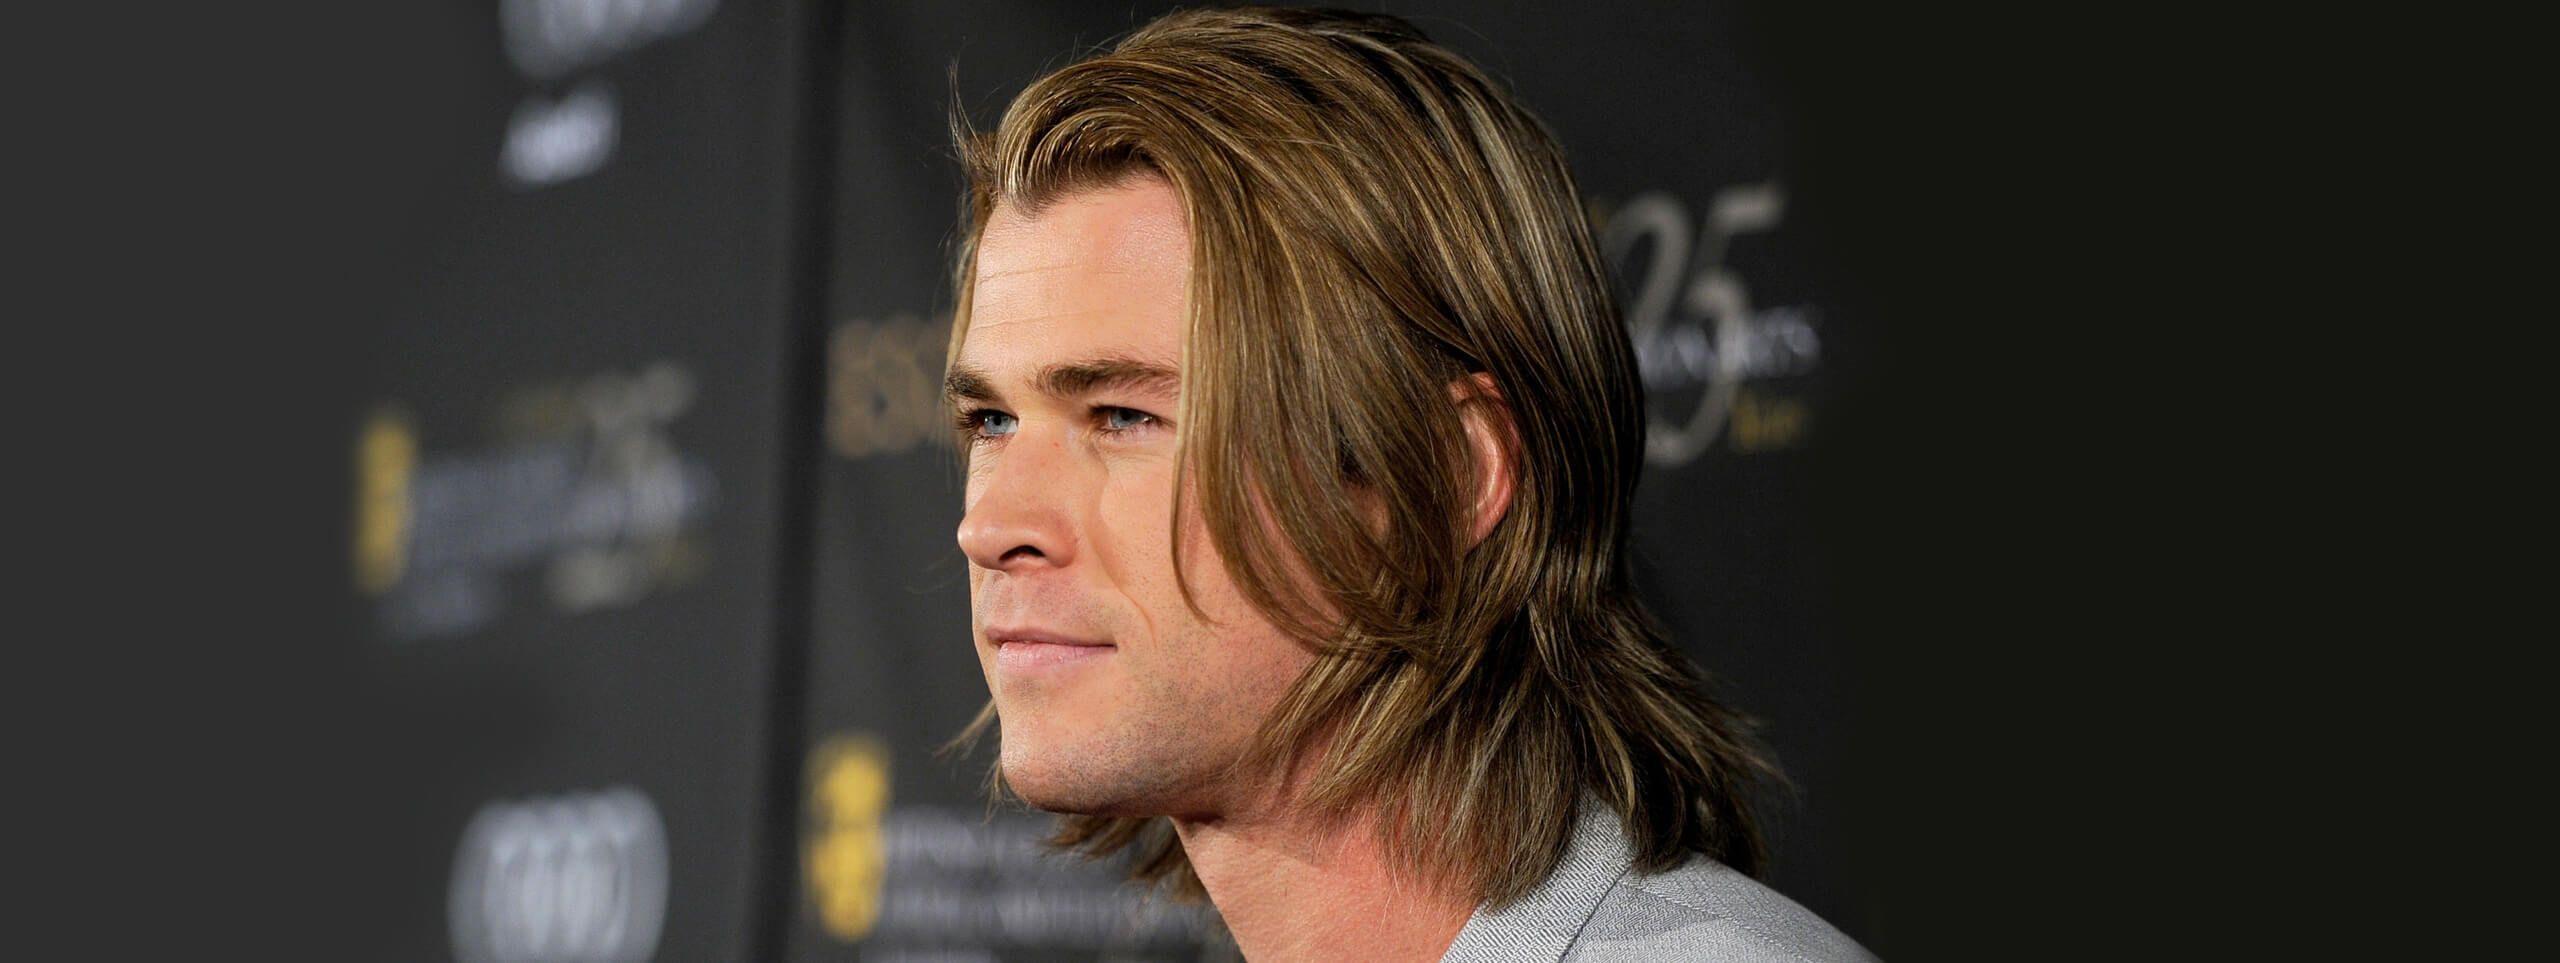 Mężczyzna z długimi włosami